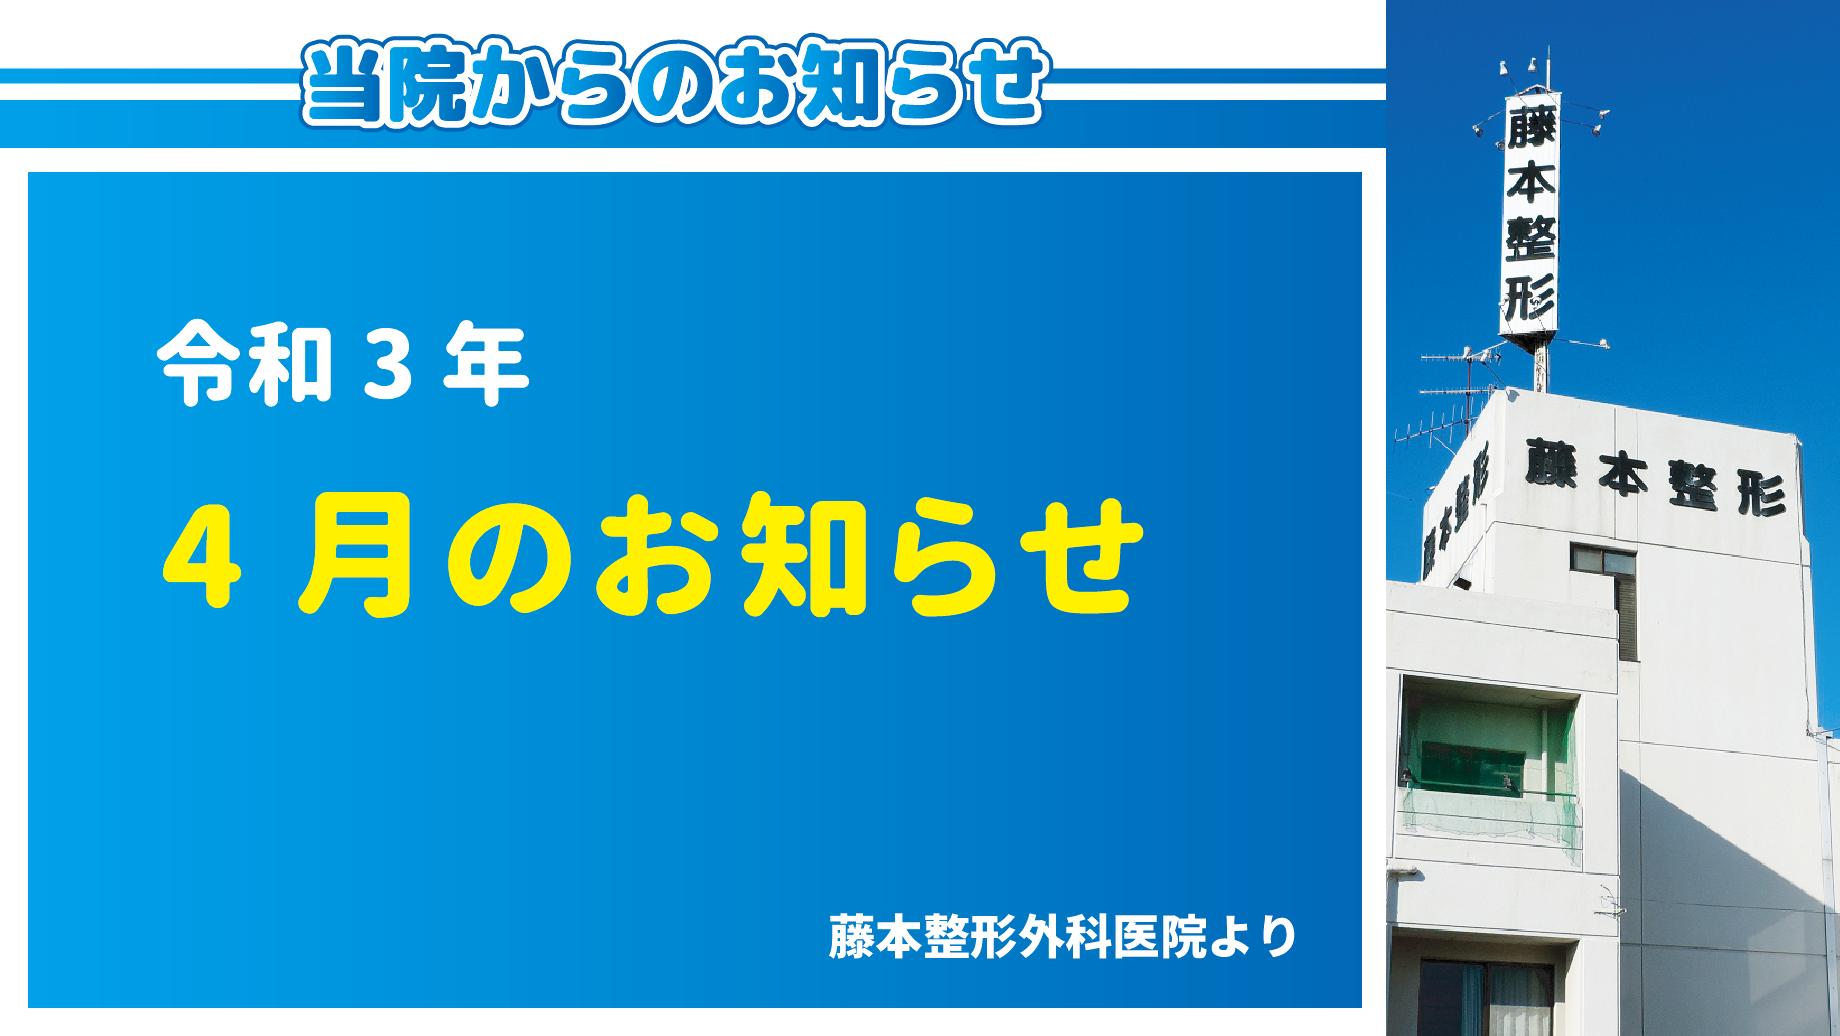 令和3年04月のお知らせ(大分の藤本整形外科医院より)